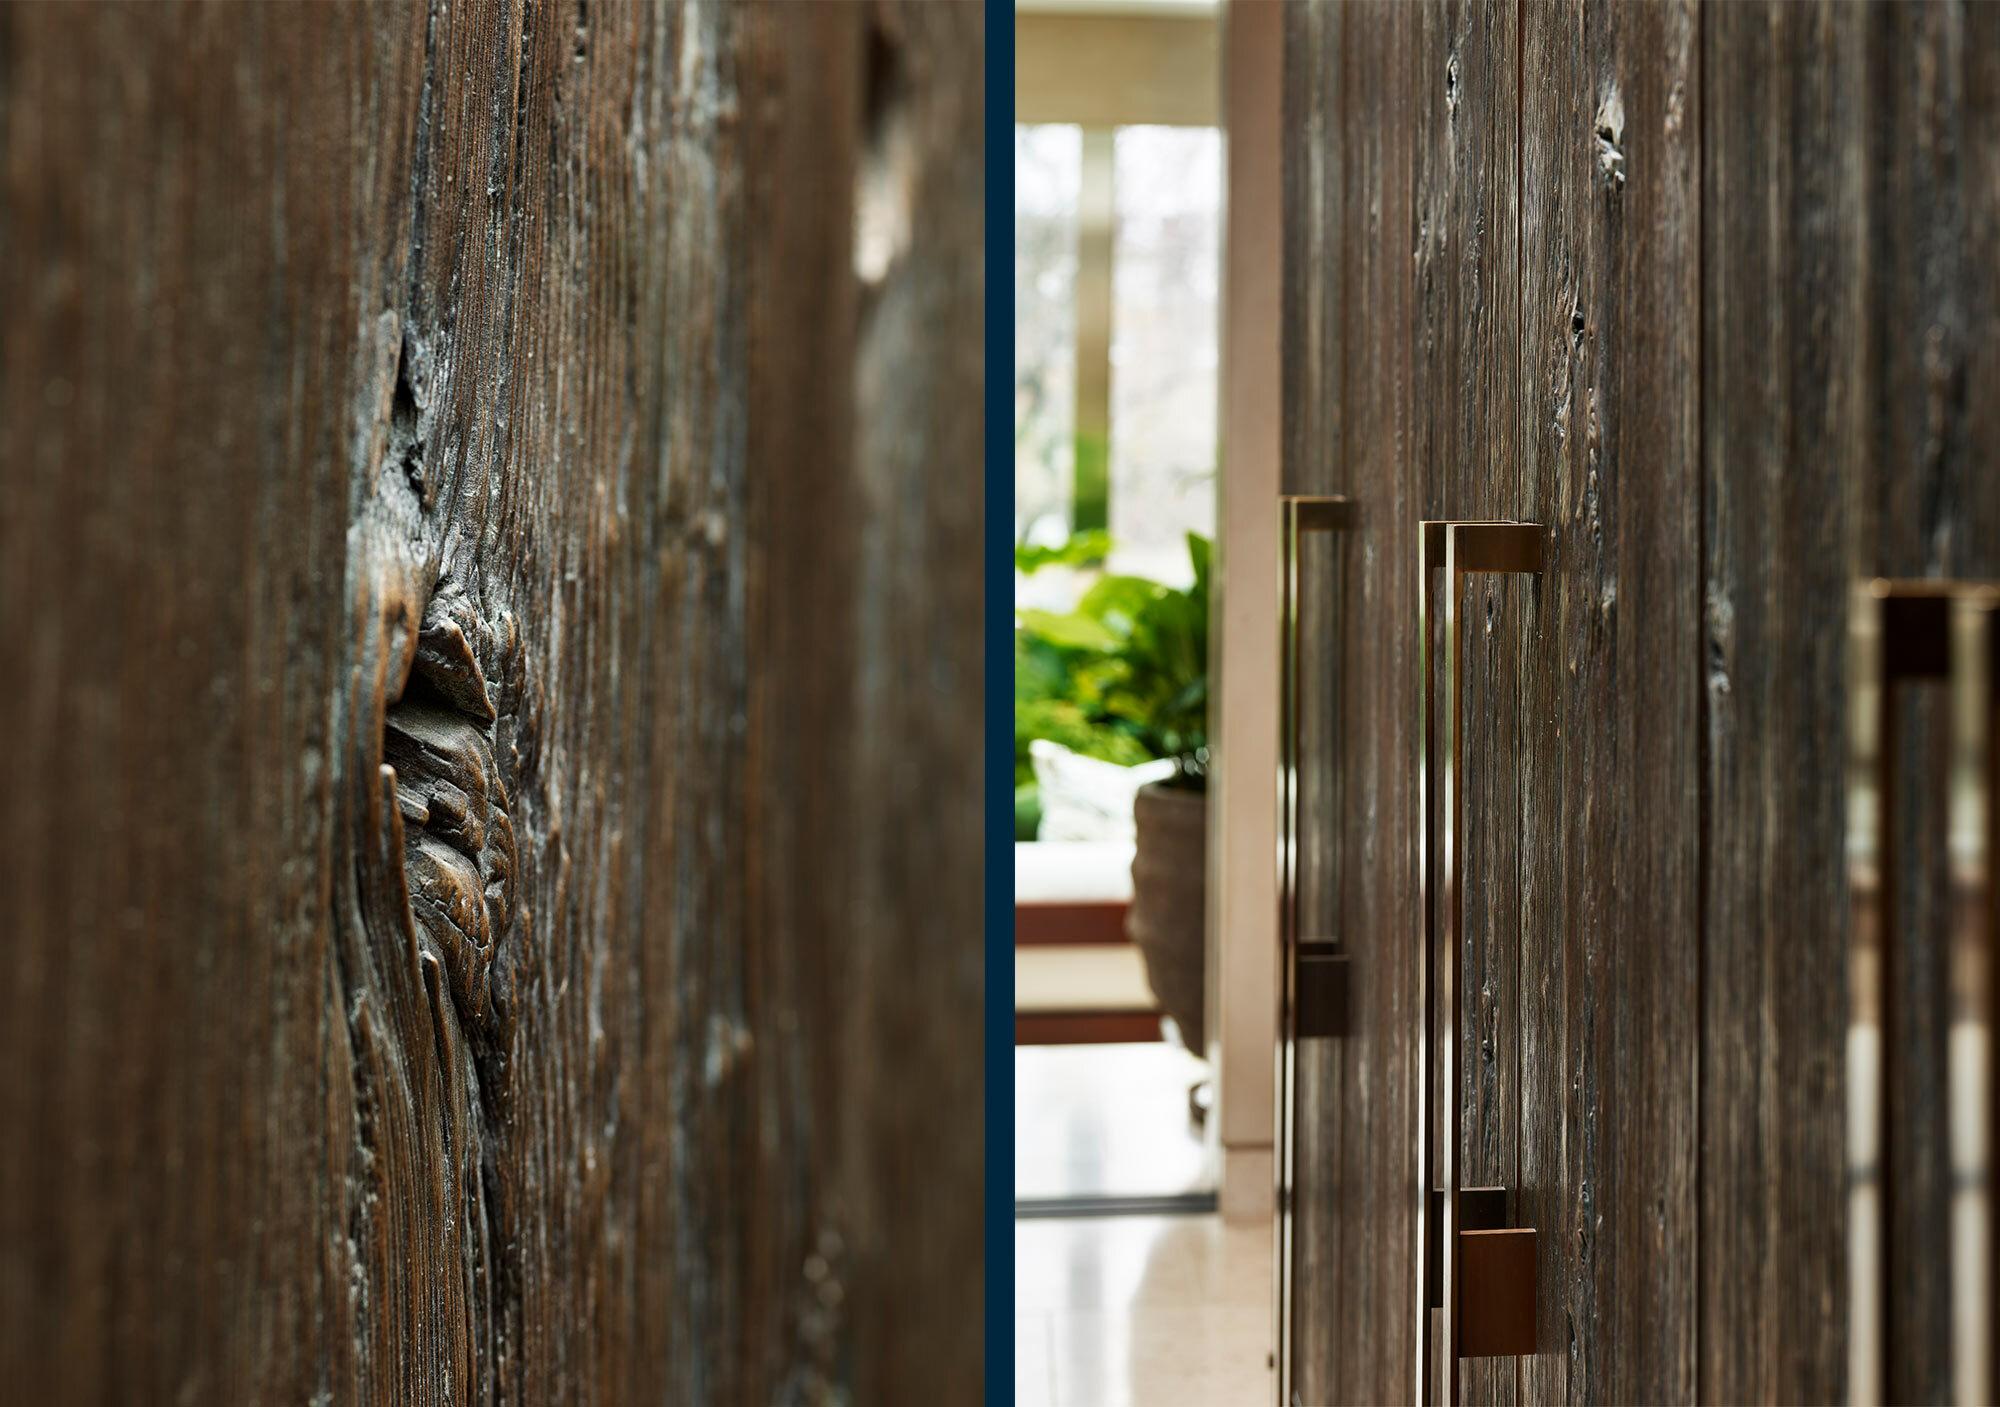 Grand-Kensington-Residence-3_2021-03-18-115925.jpg